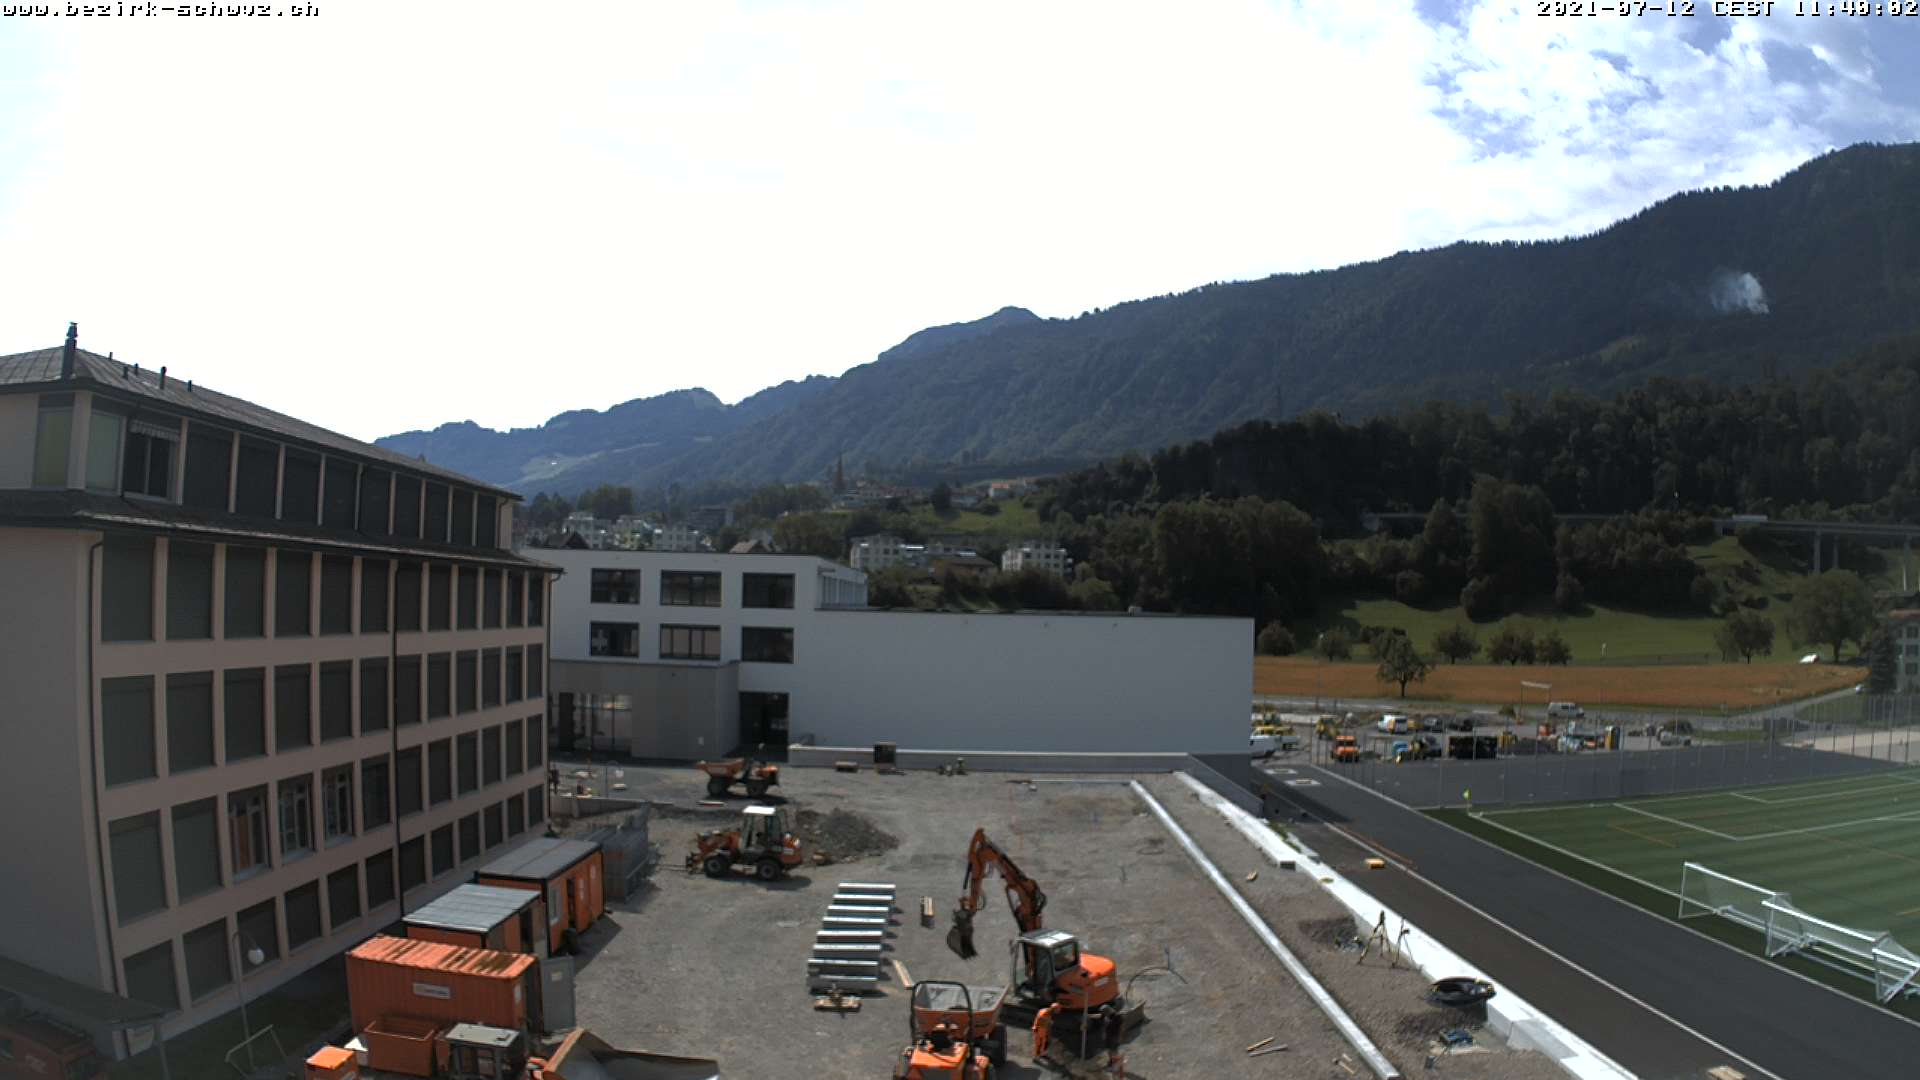 Webcam-Bild von der Baustelle